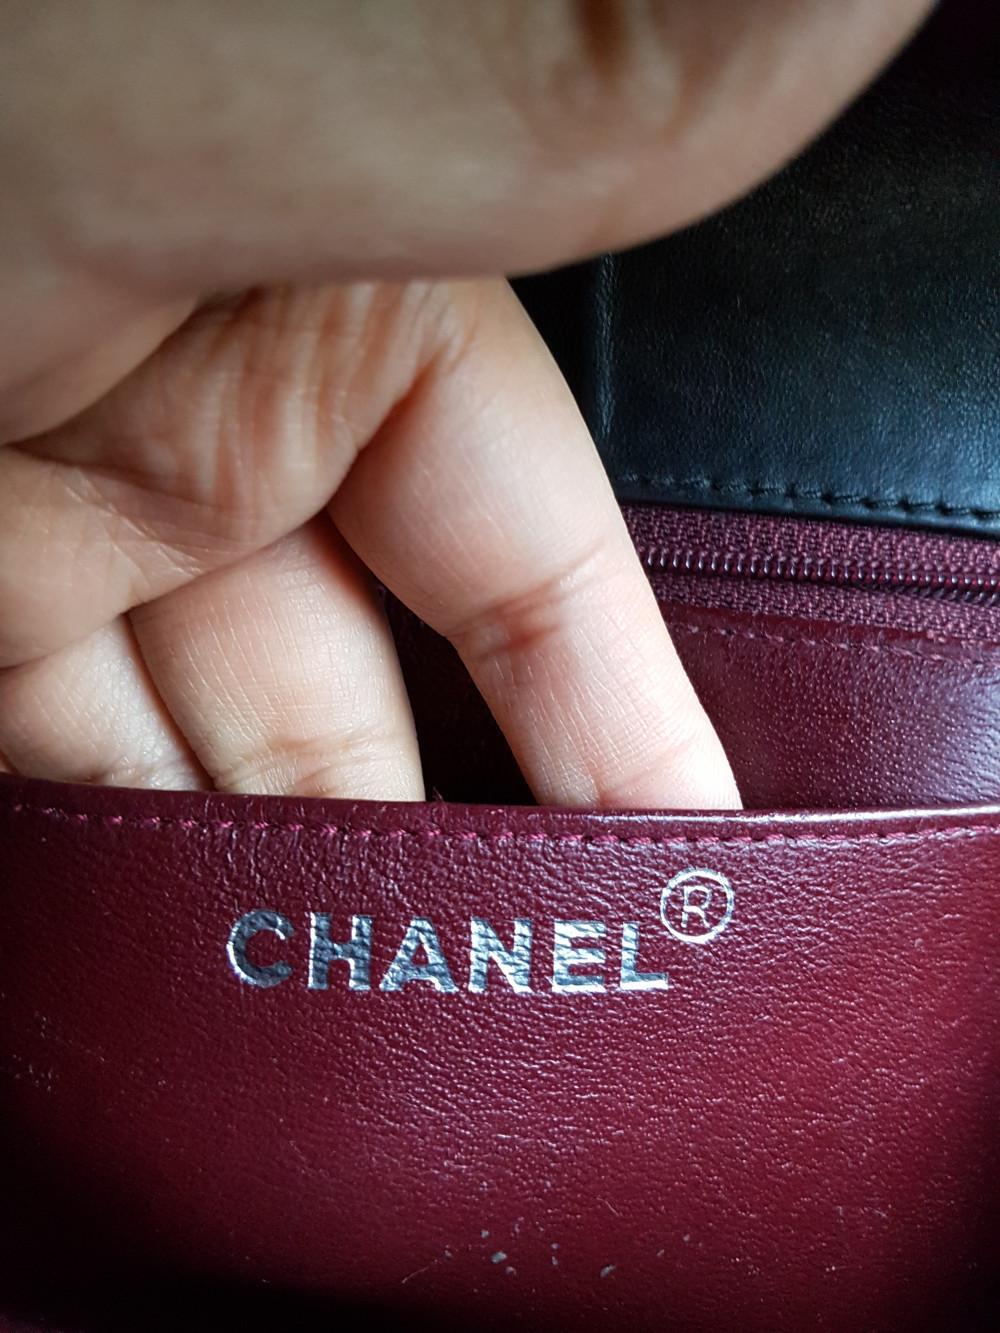 chanel-96093-2-352235